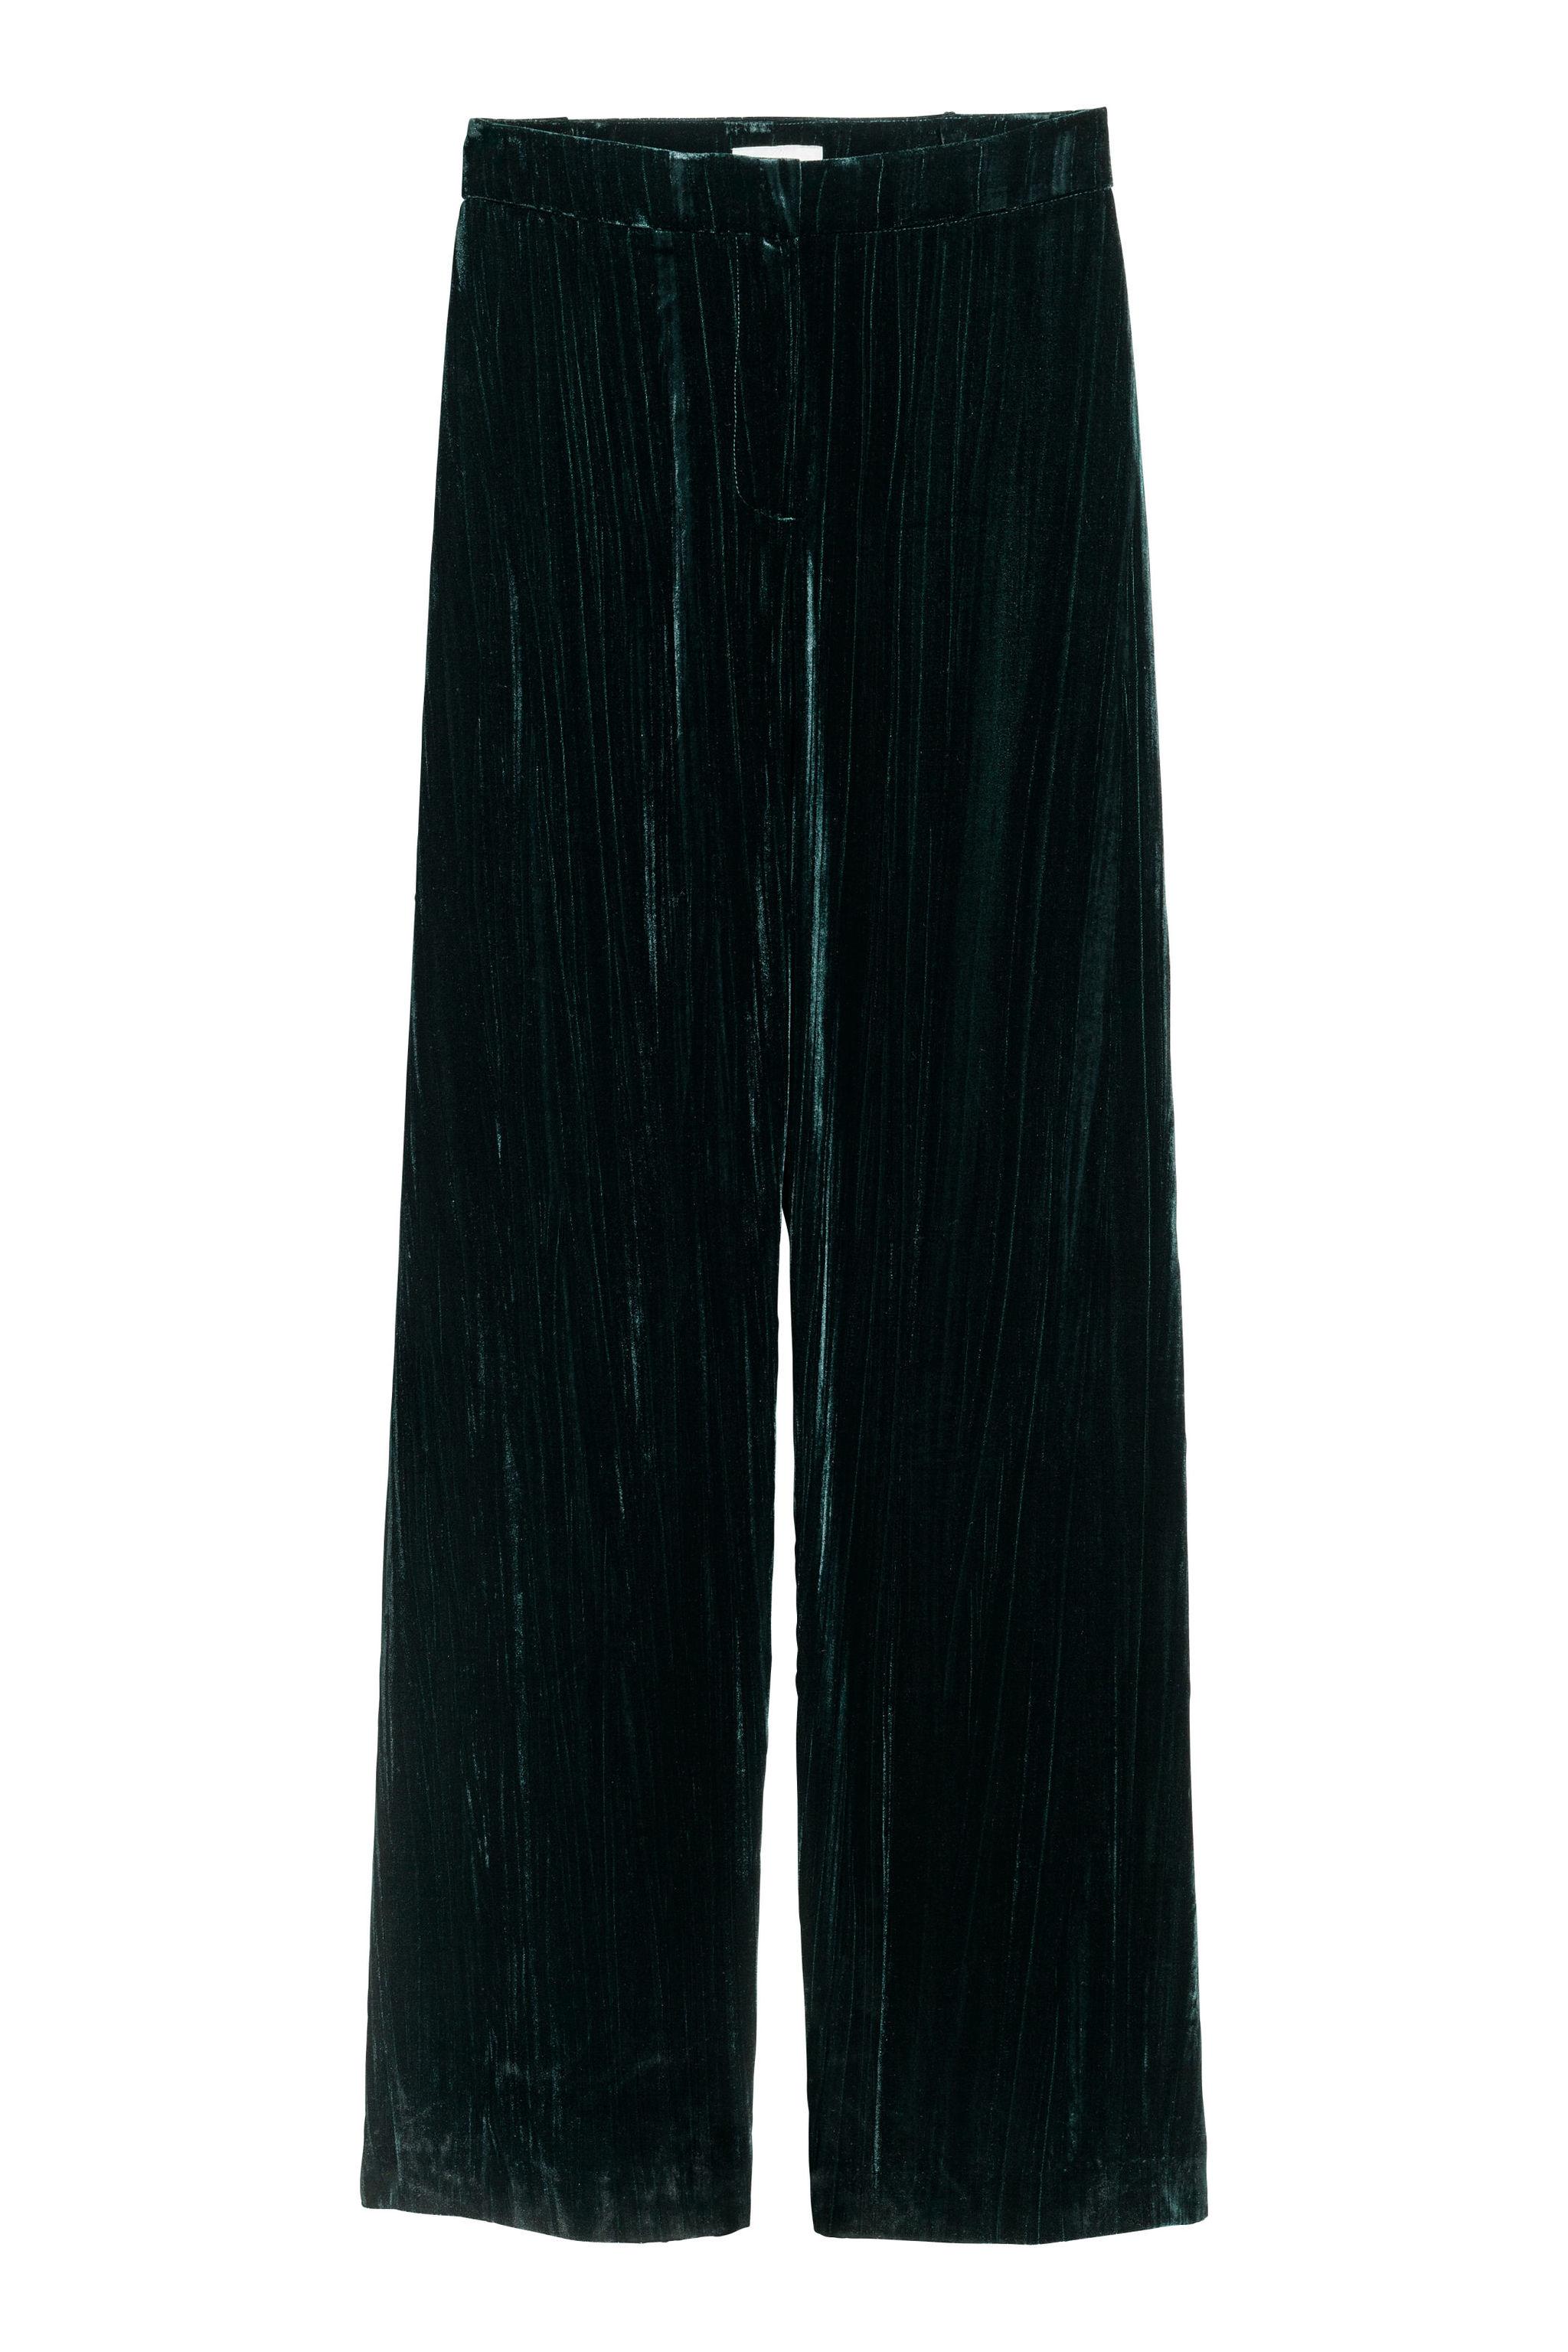 Pantalones de terciopelo, de H&M (23,99 euros).